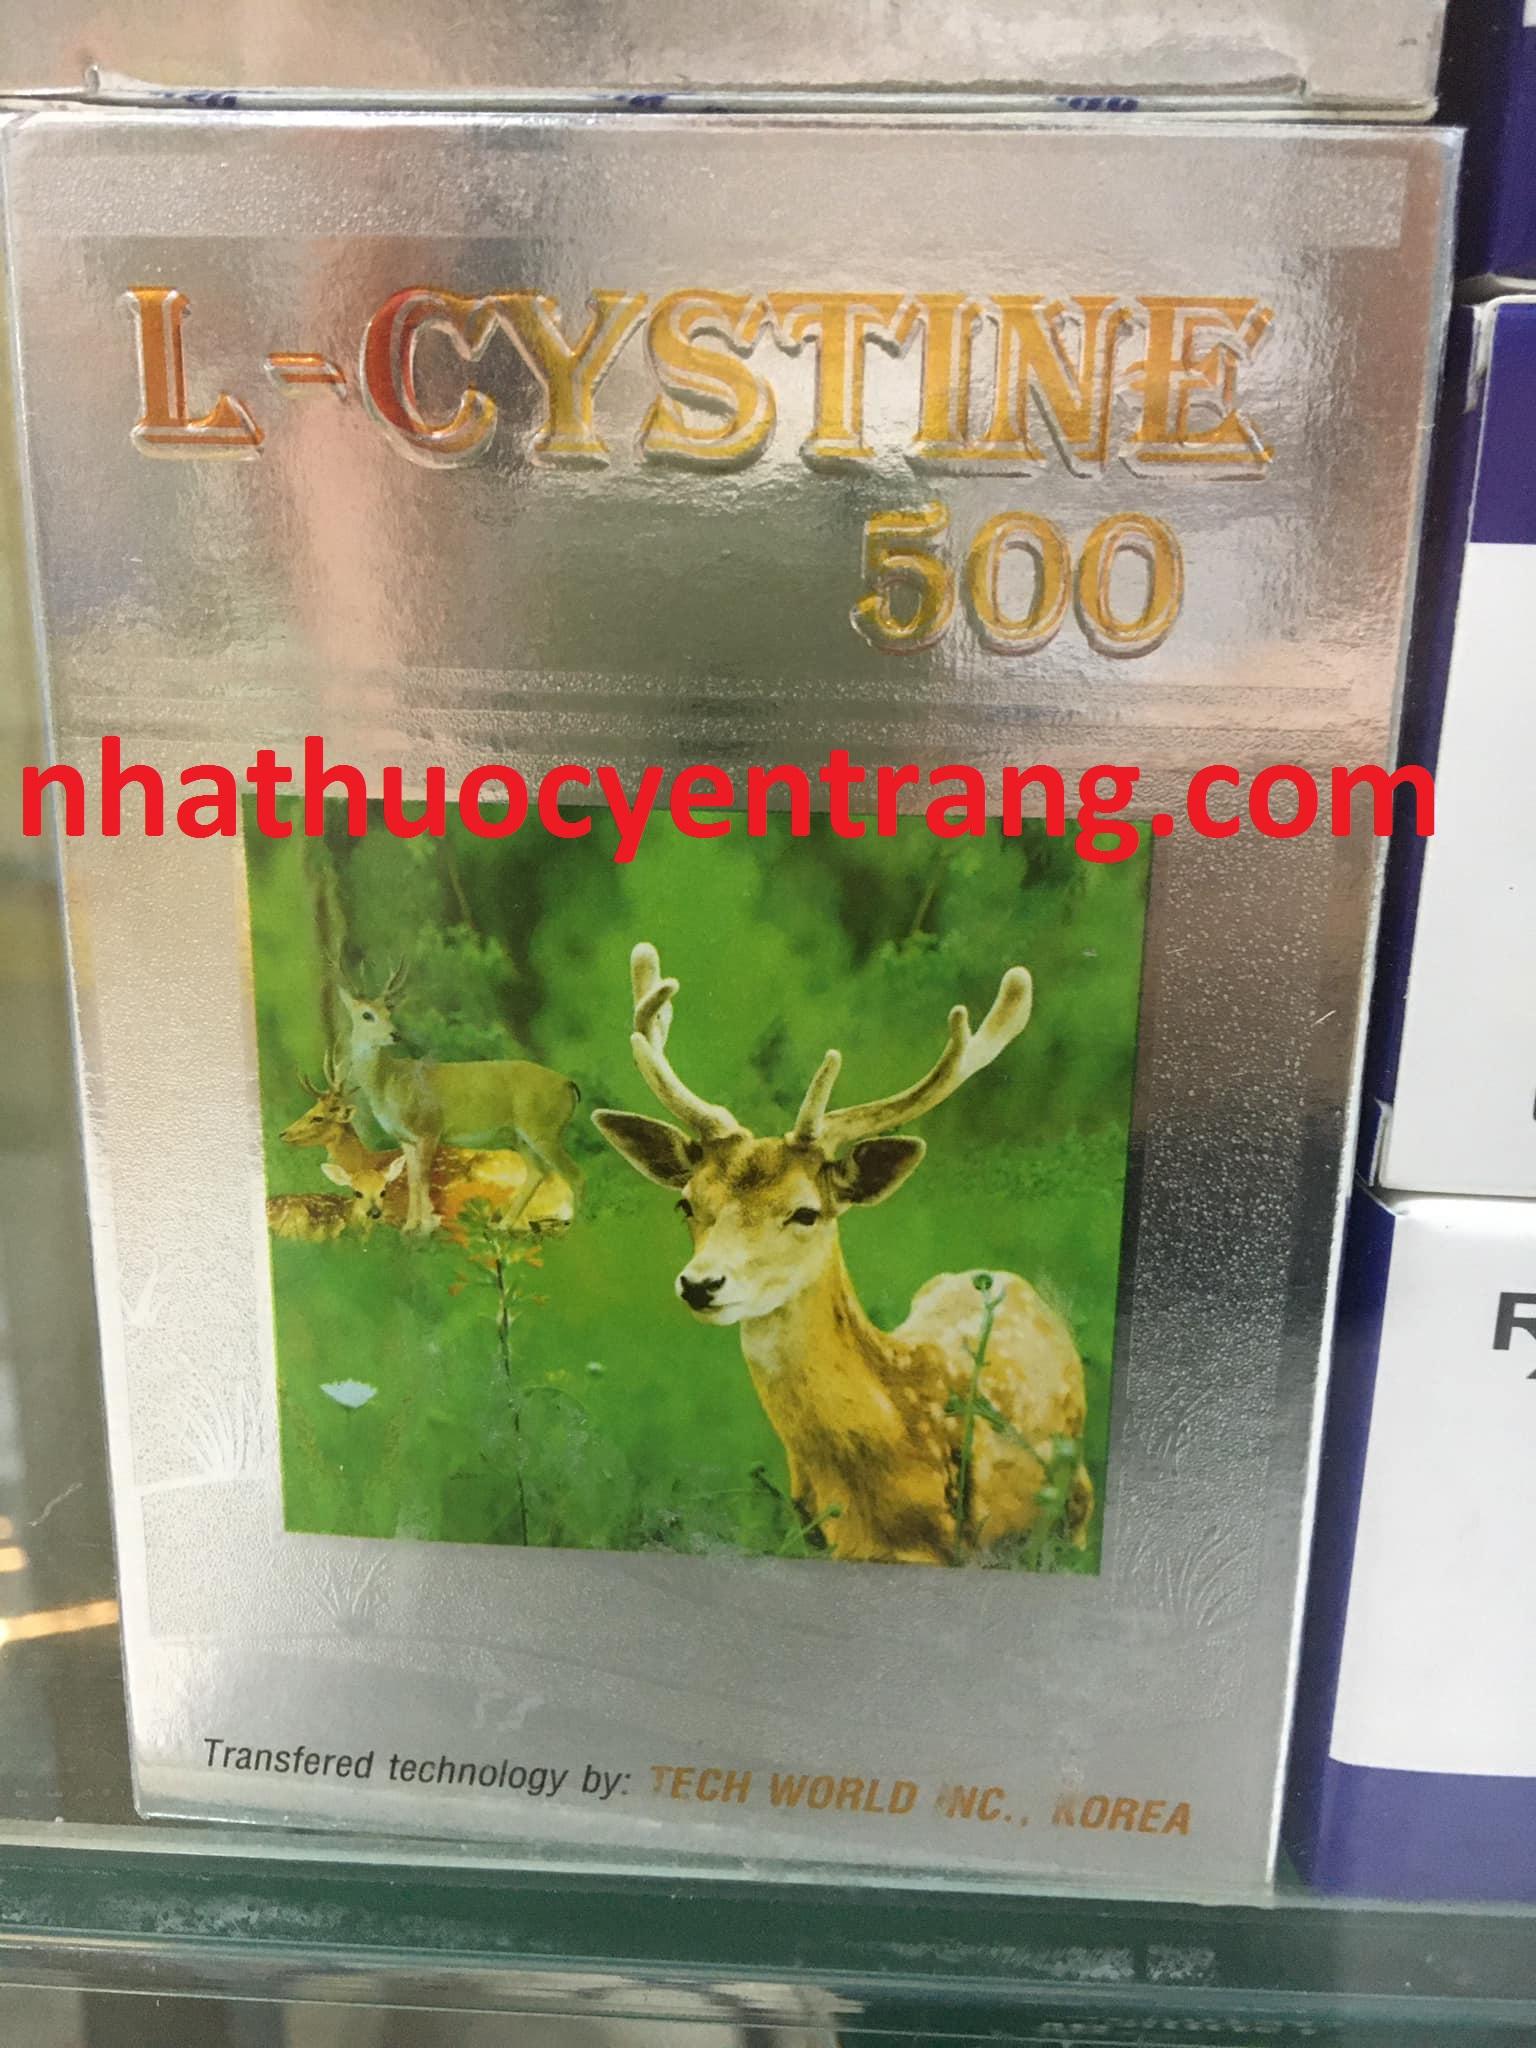 L-Cystine 500